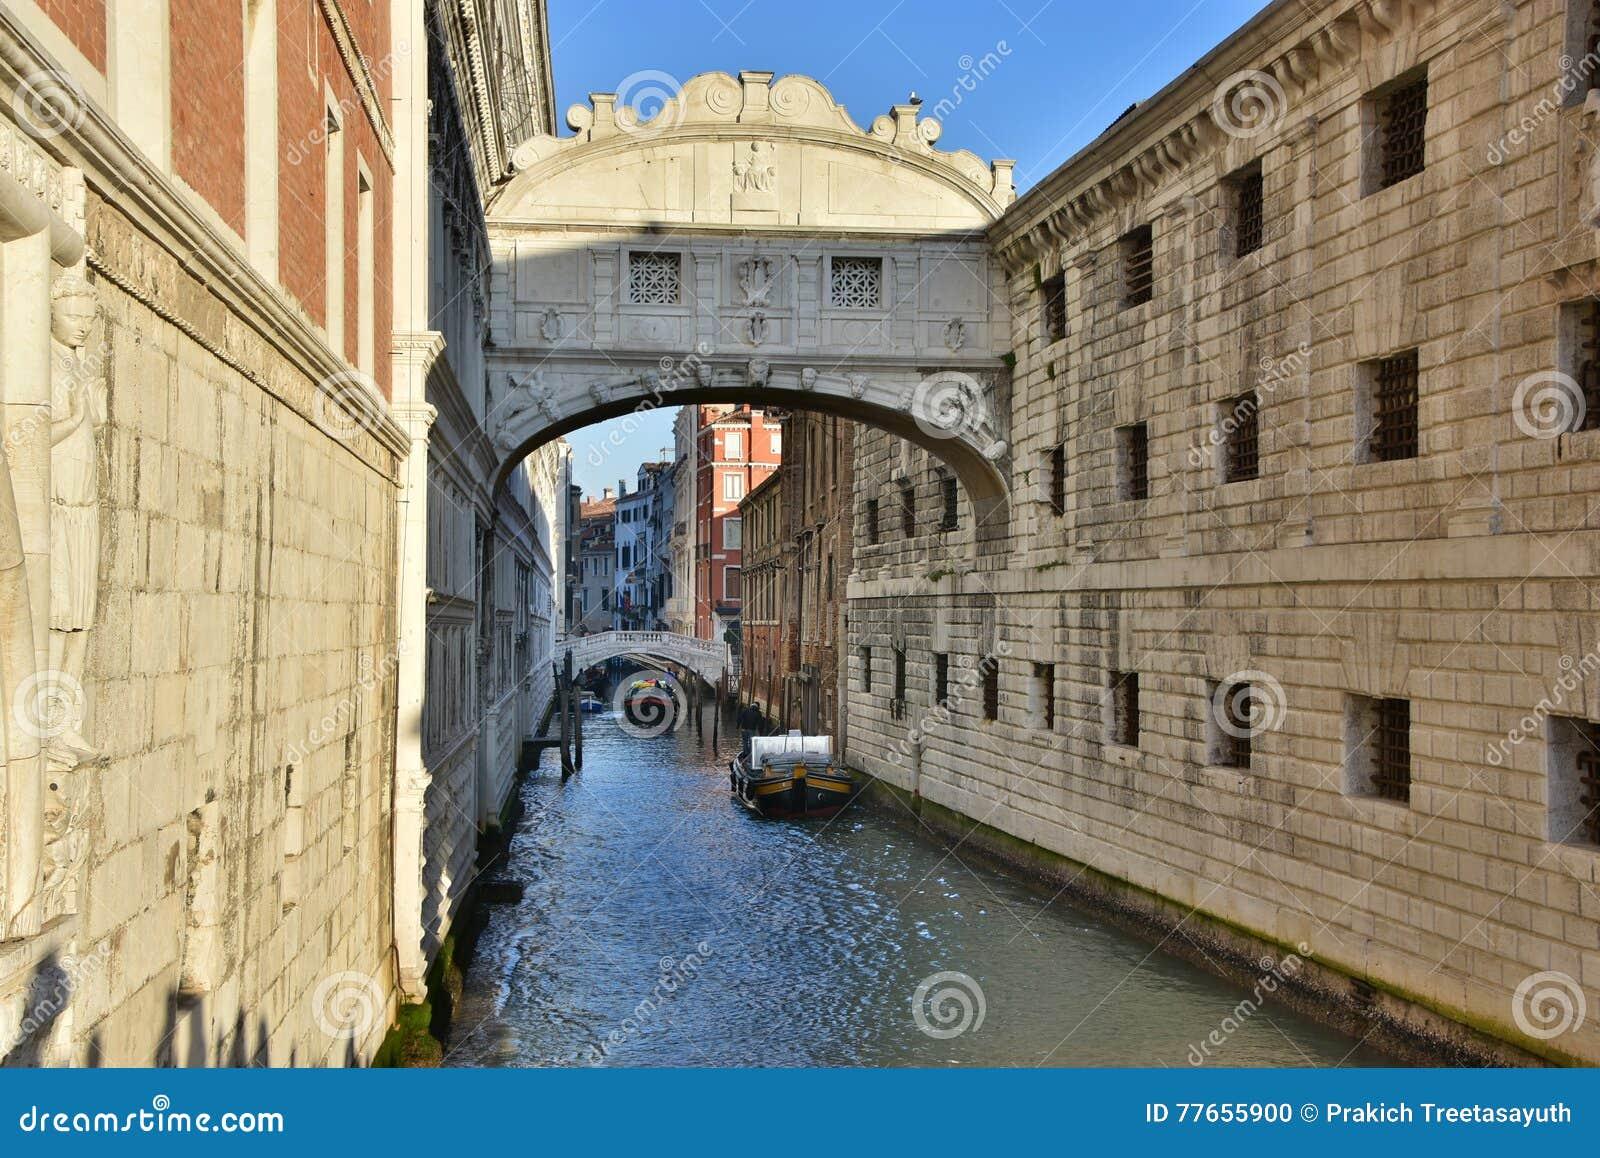 De brug van Sighs, Venetië